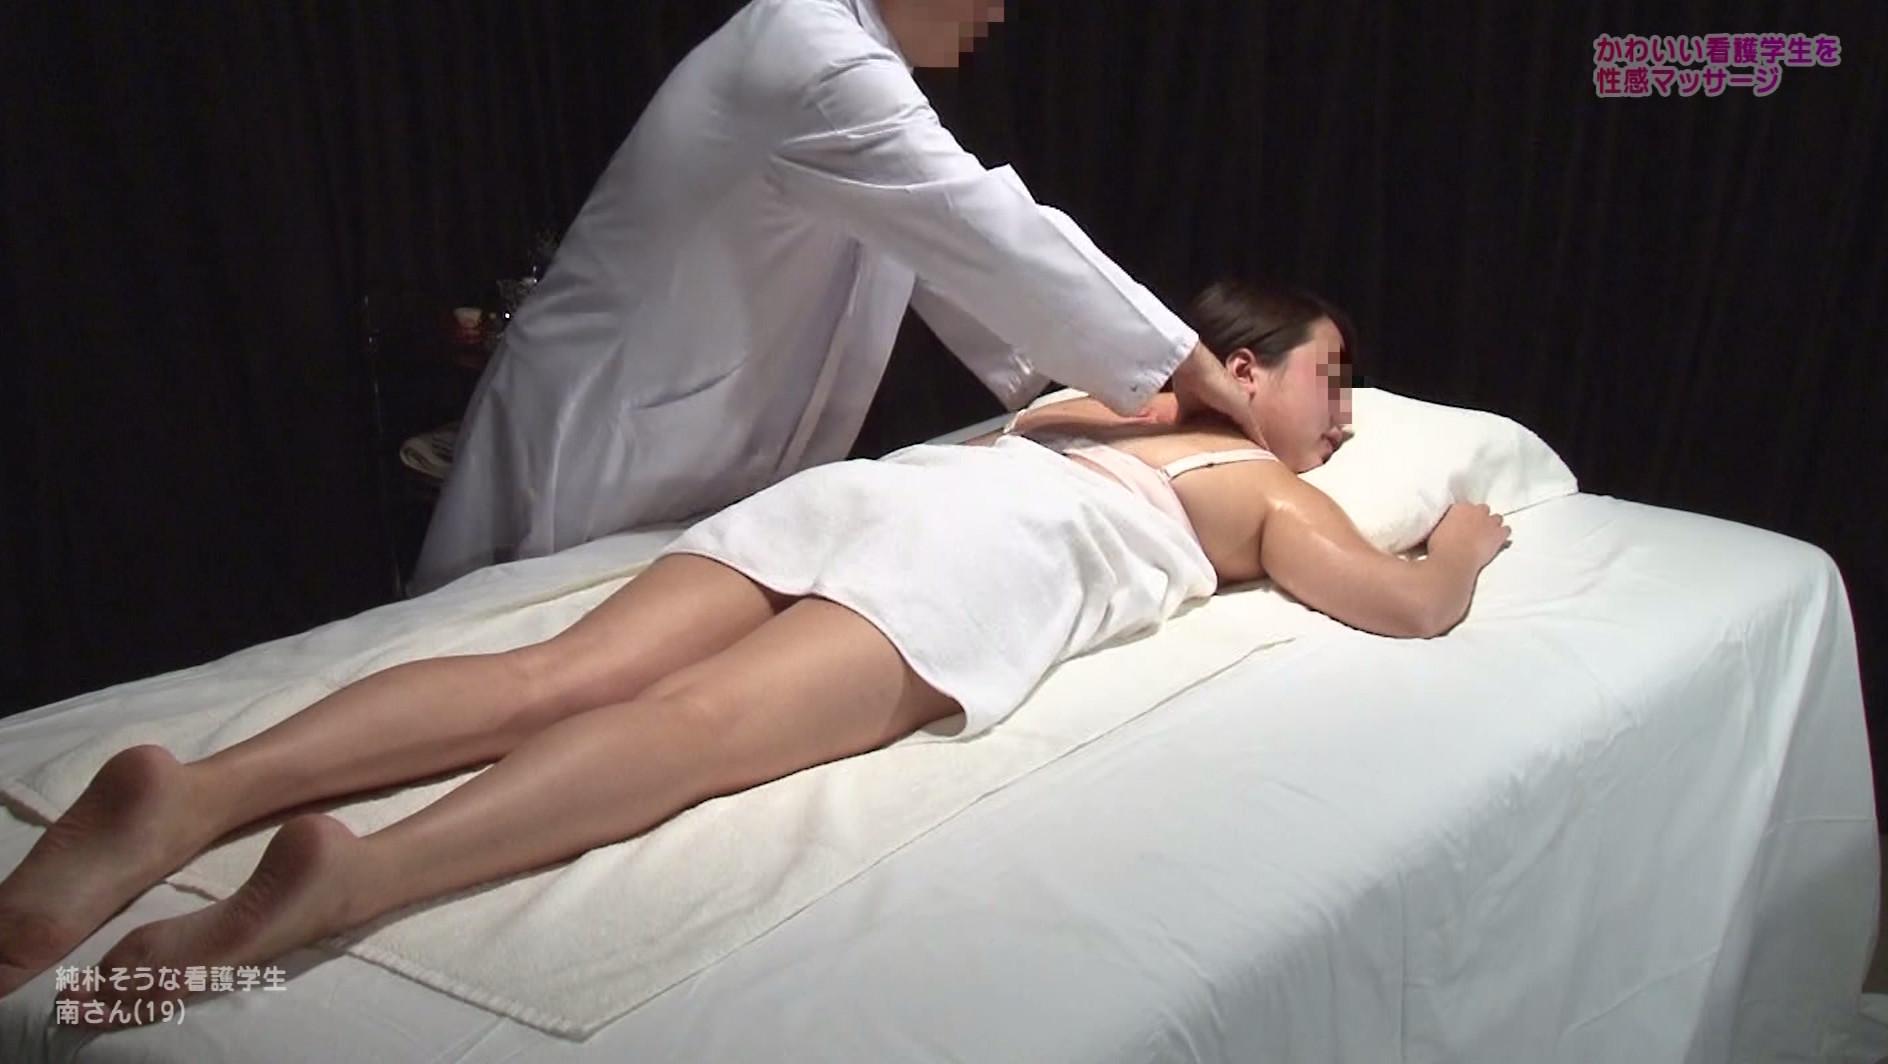 かわいい看護学生を性感マッサージでとことんイカせてみた 画像17